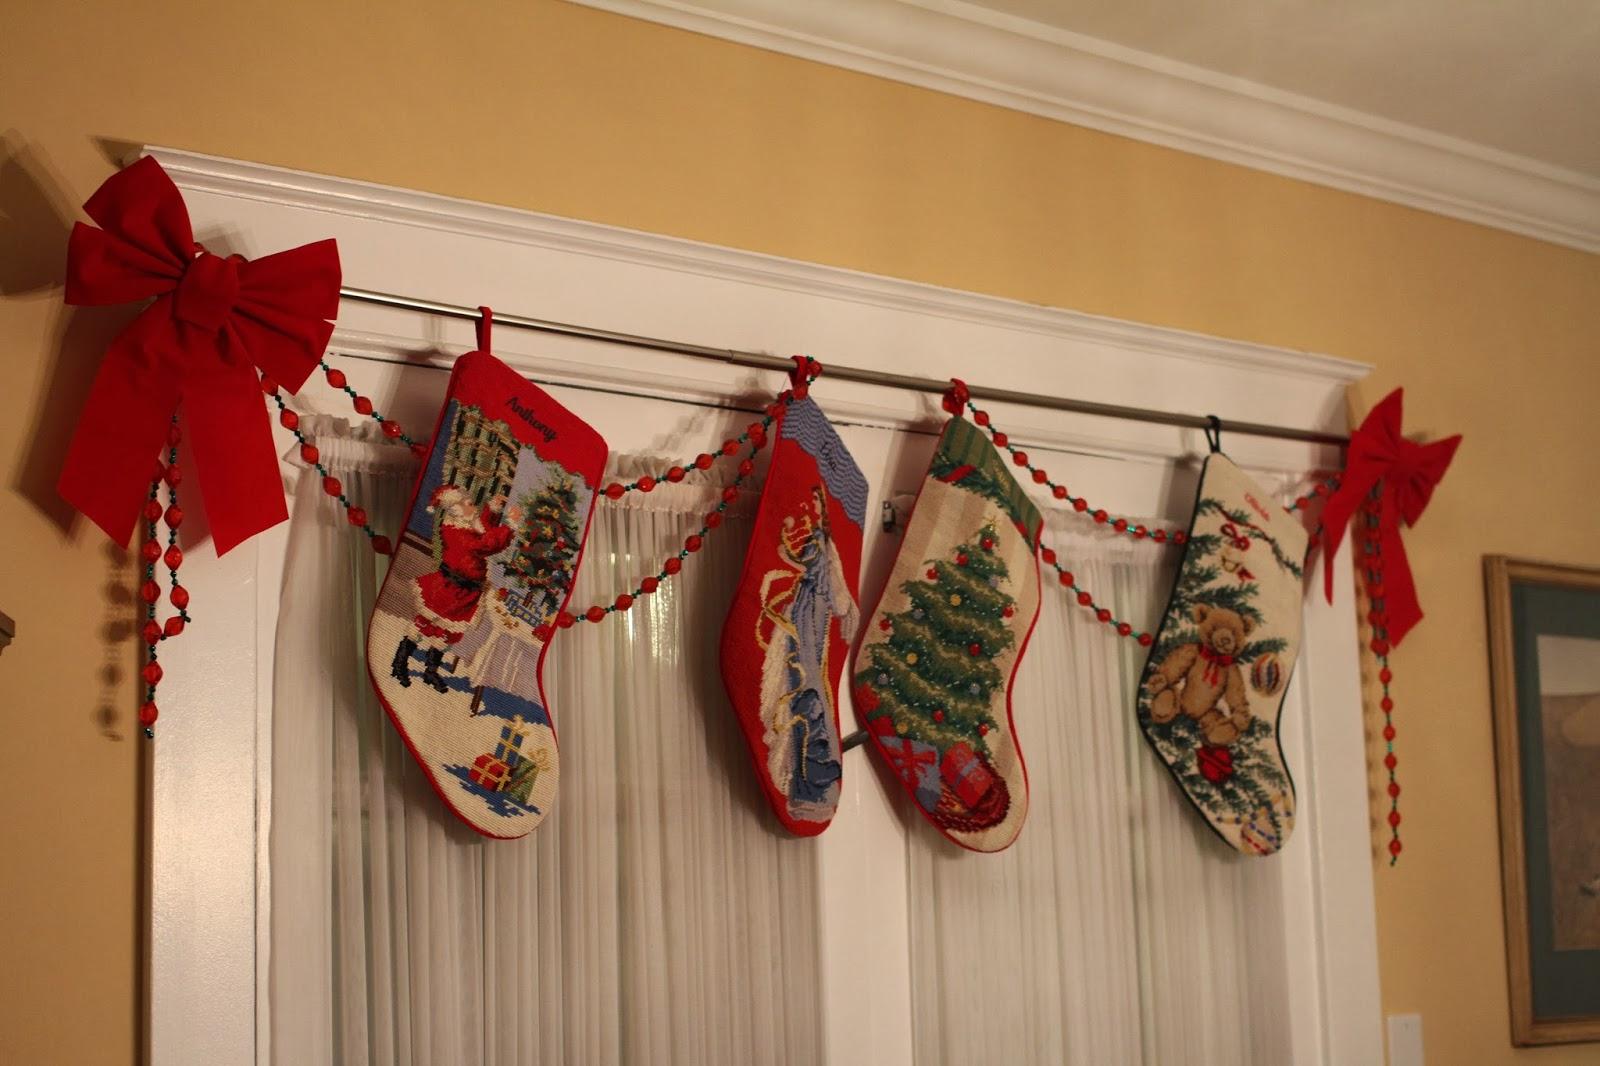 10 boas ideias para decorao de Natal  Guia Tudo Festa